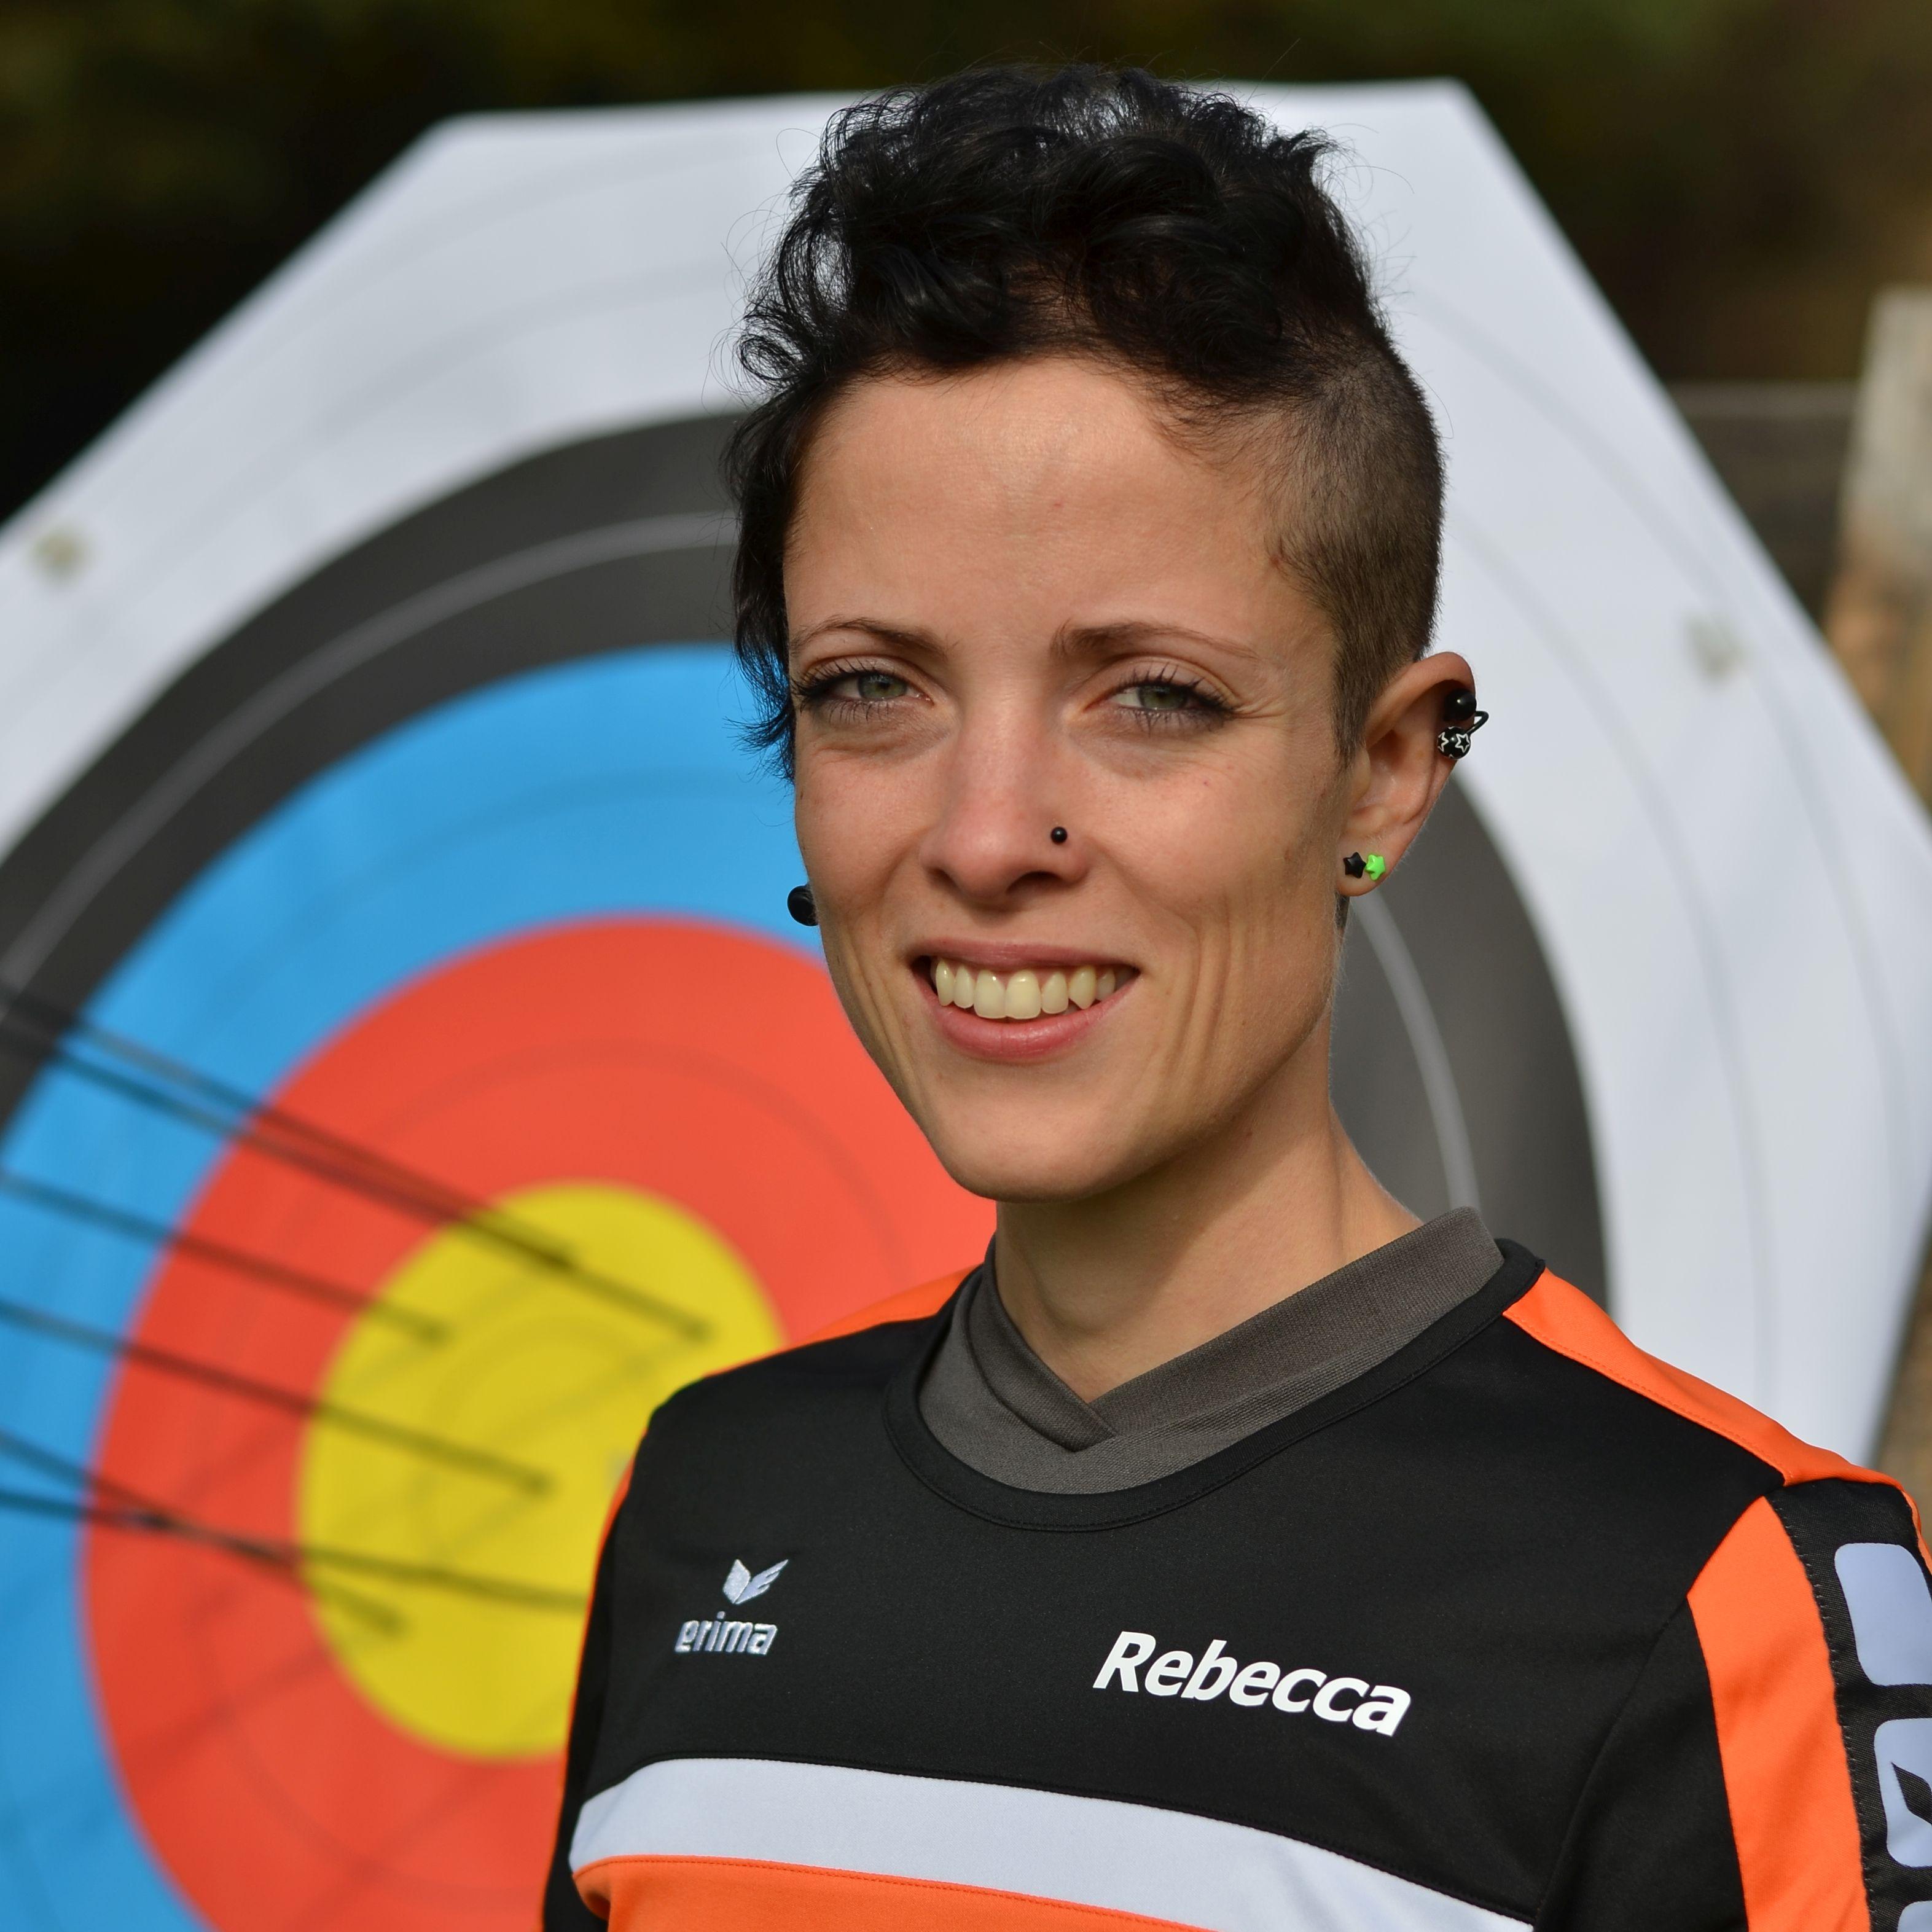 Rebecca Stotz